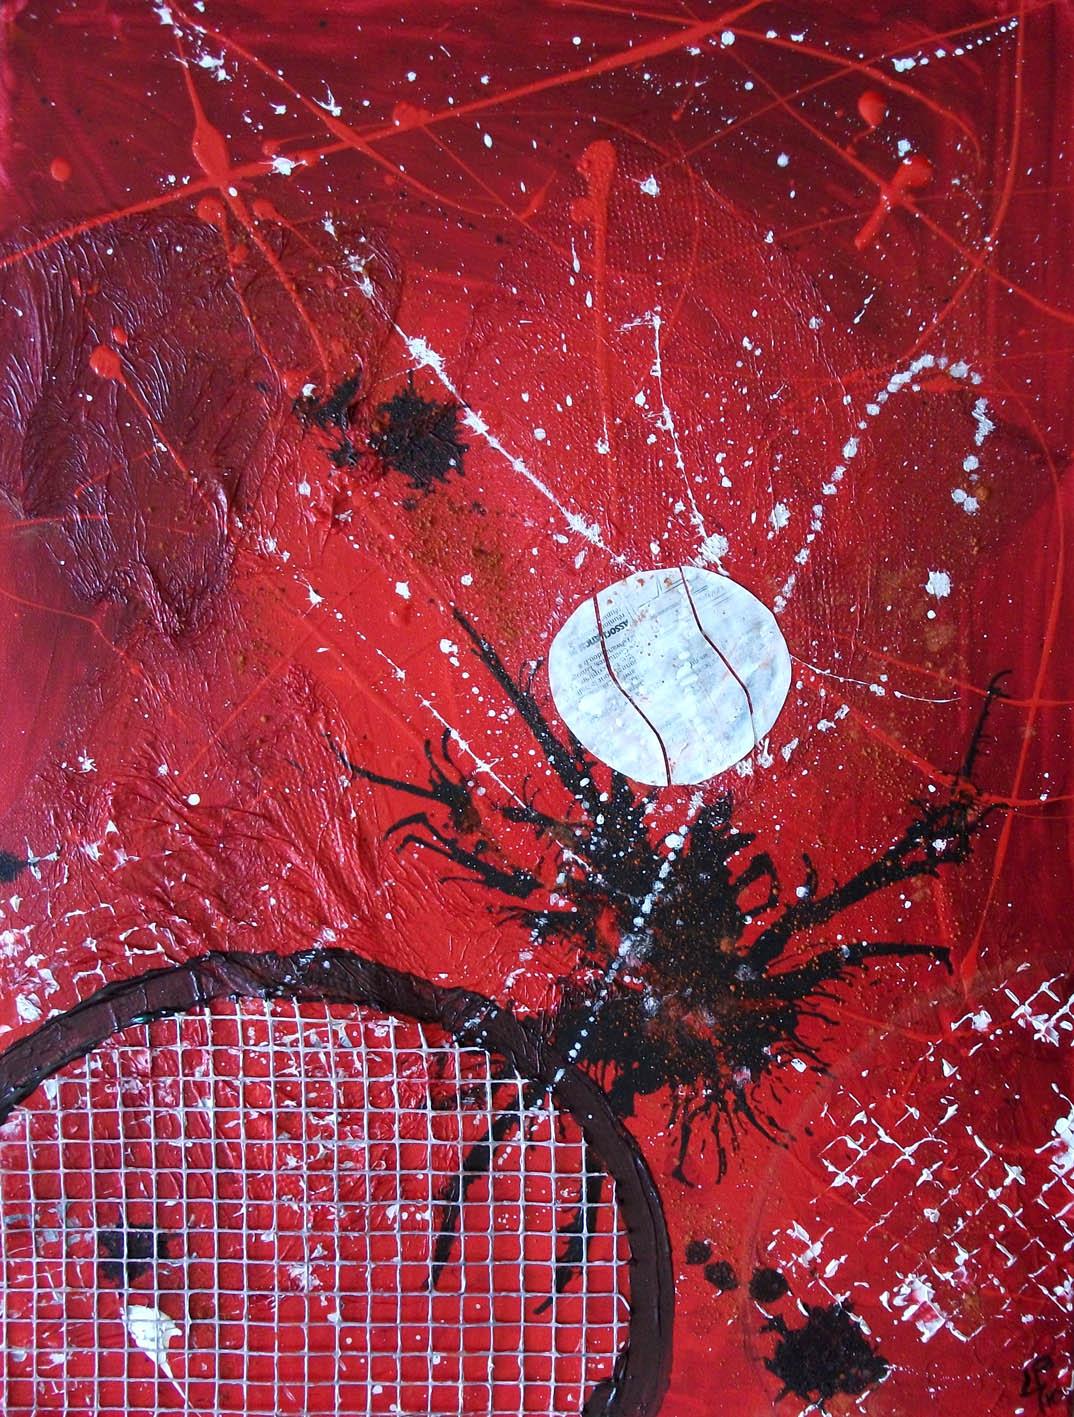 Peinture abstraite sur le tennis